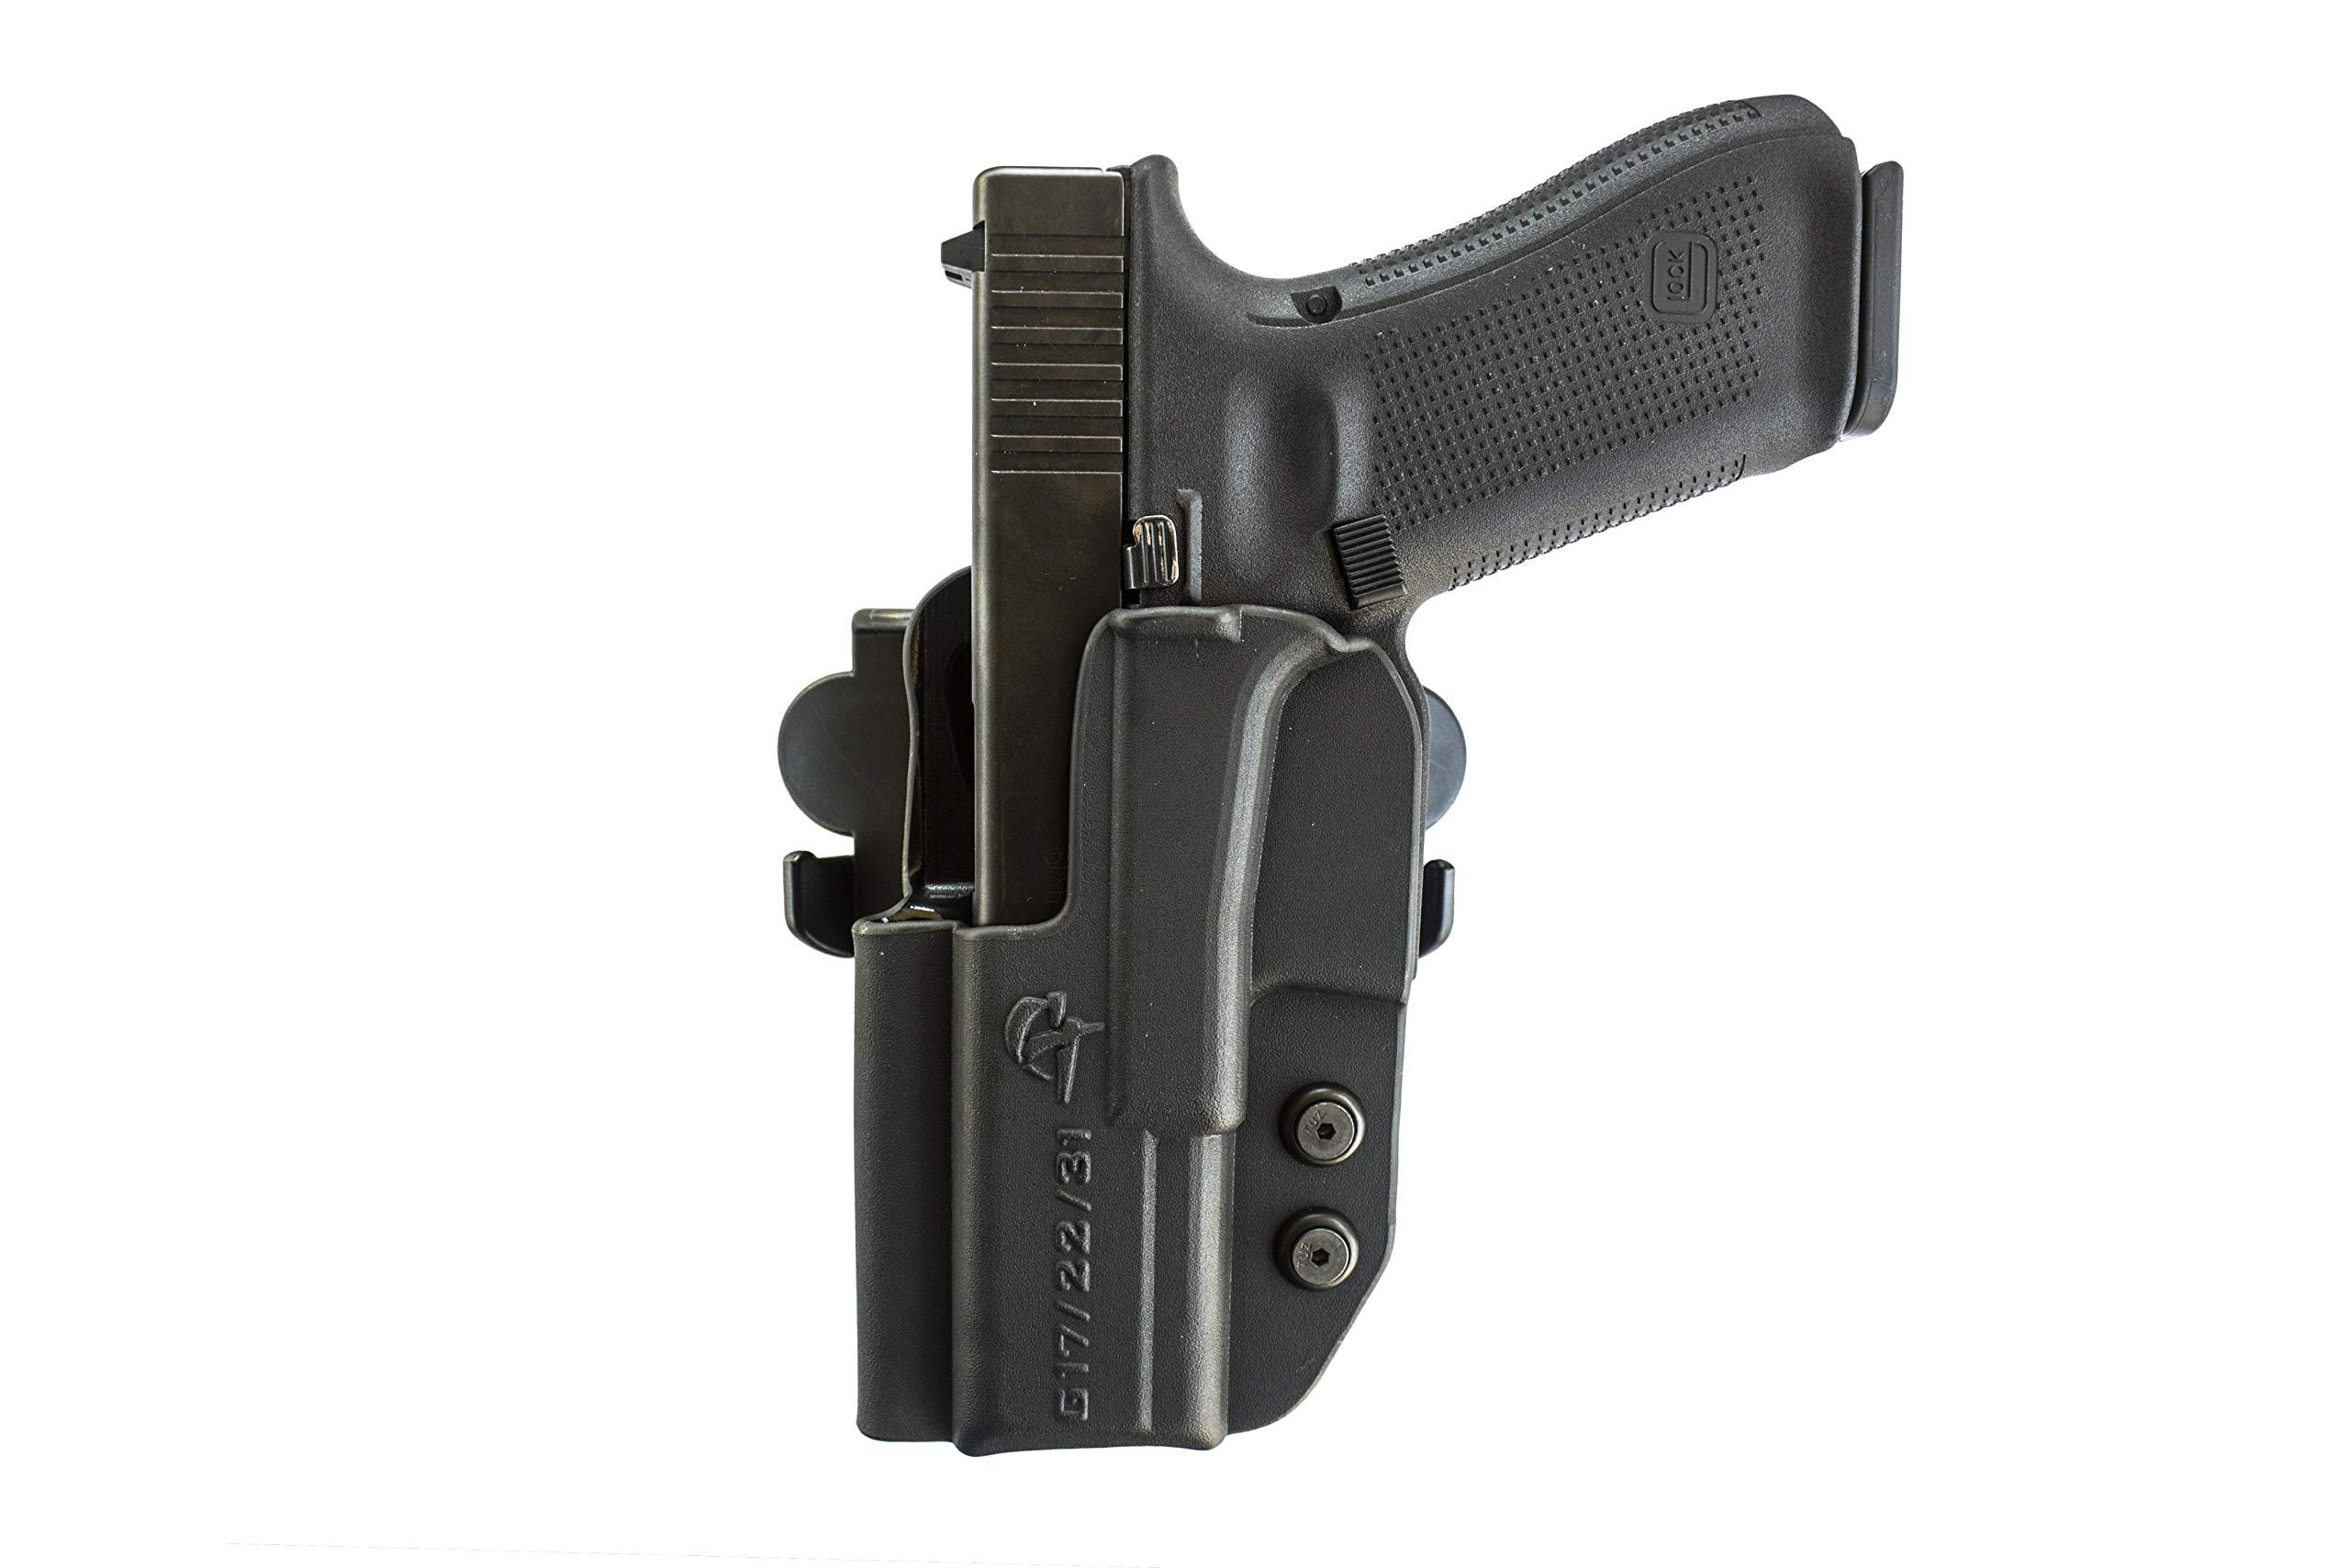 COMP-TAC.COM International - STI - DVC 3 Gun Left - Black by COMP-TAC.COM